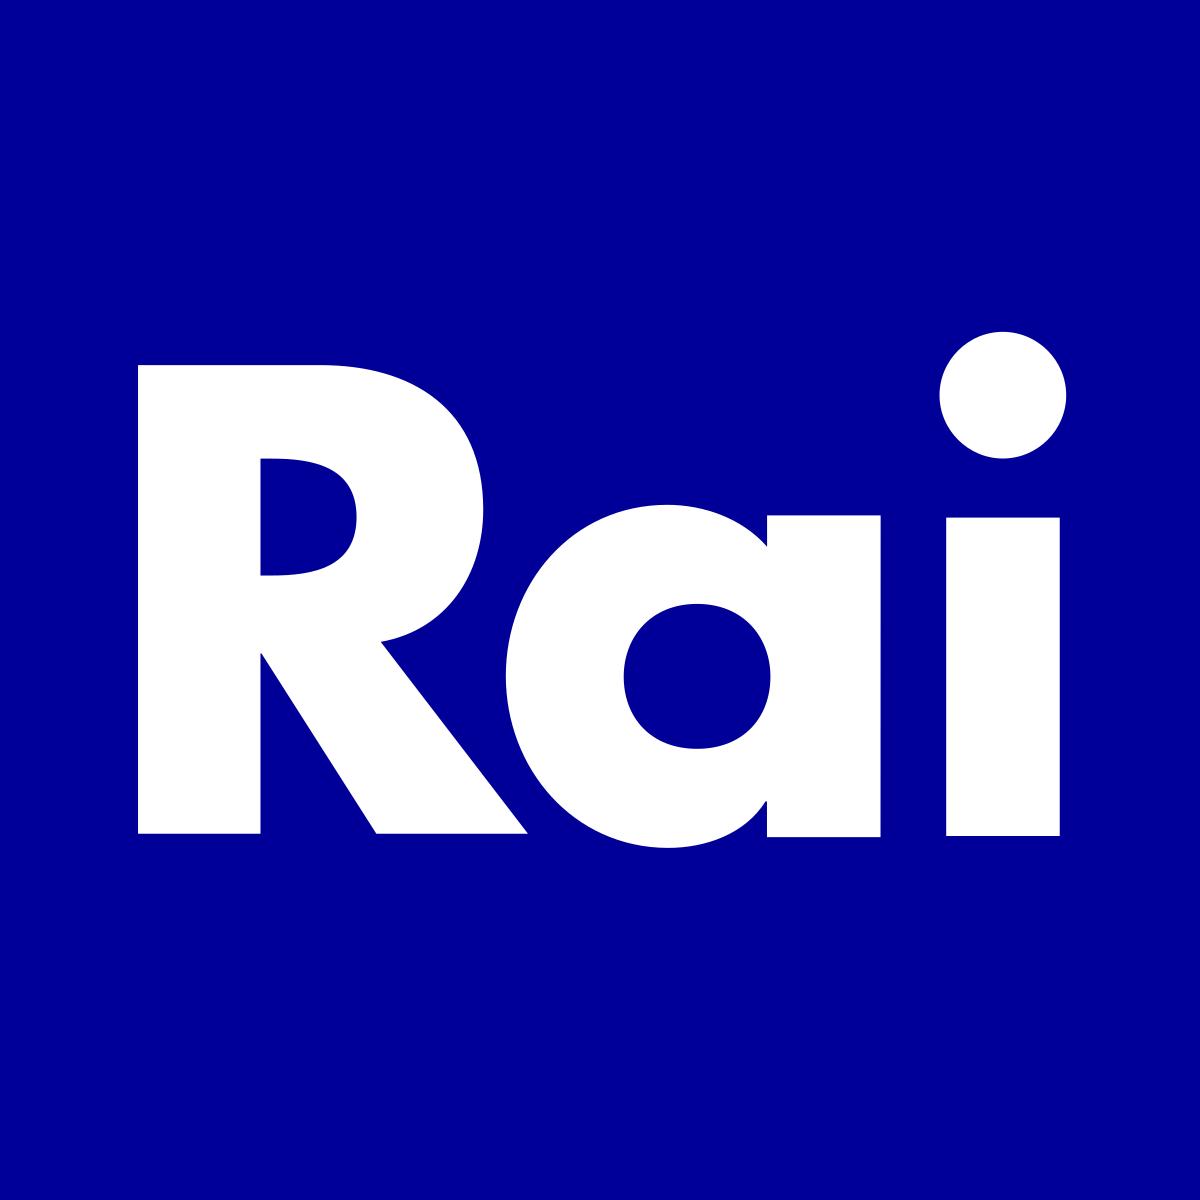 In arrivo il canone Rai anche su smartphone e tablet?